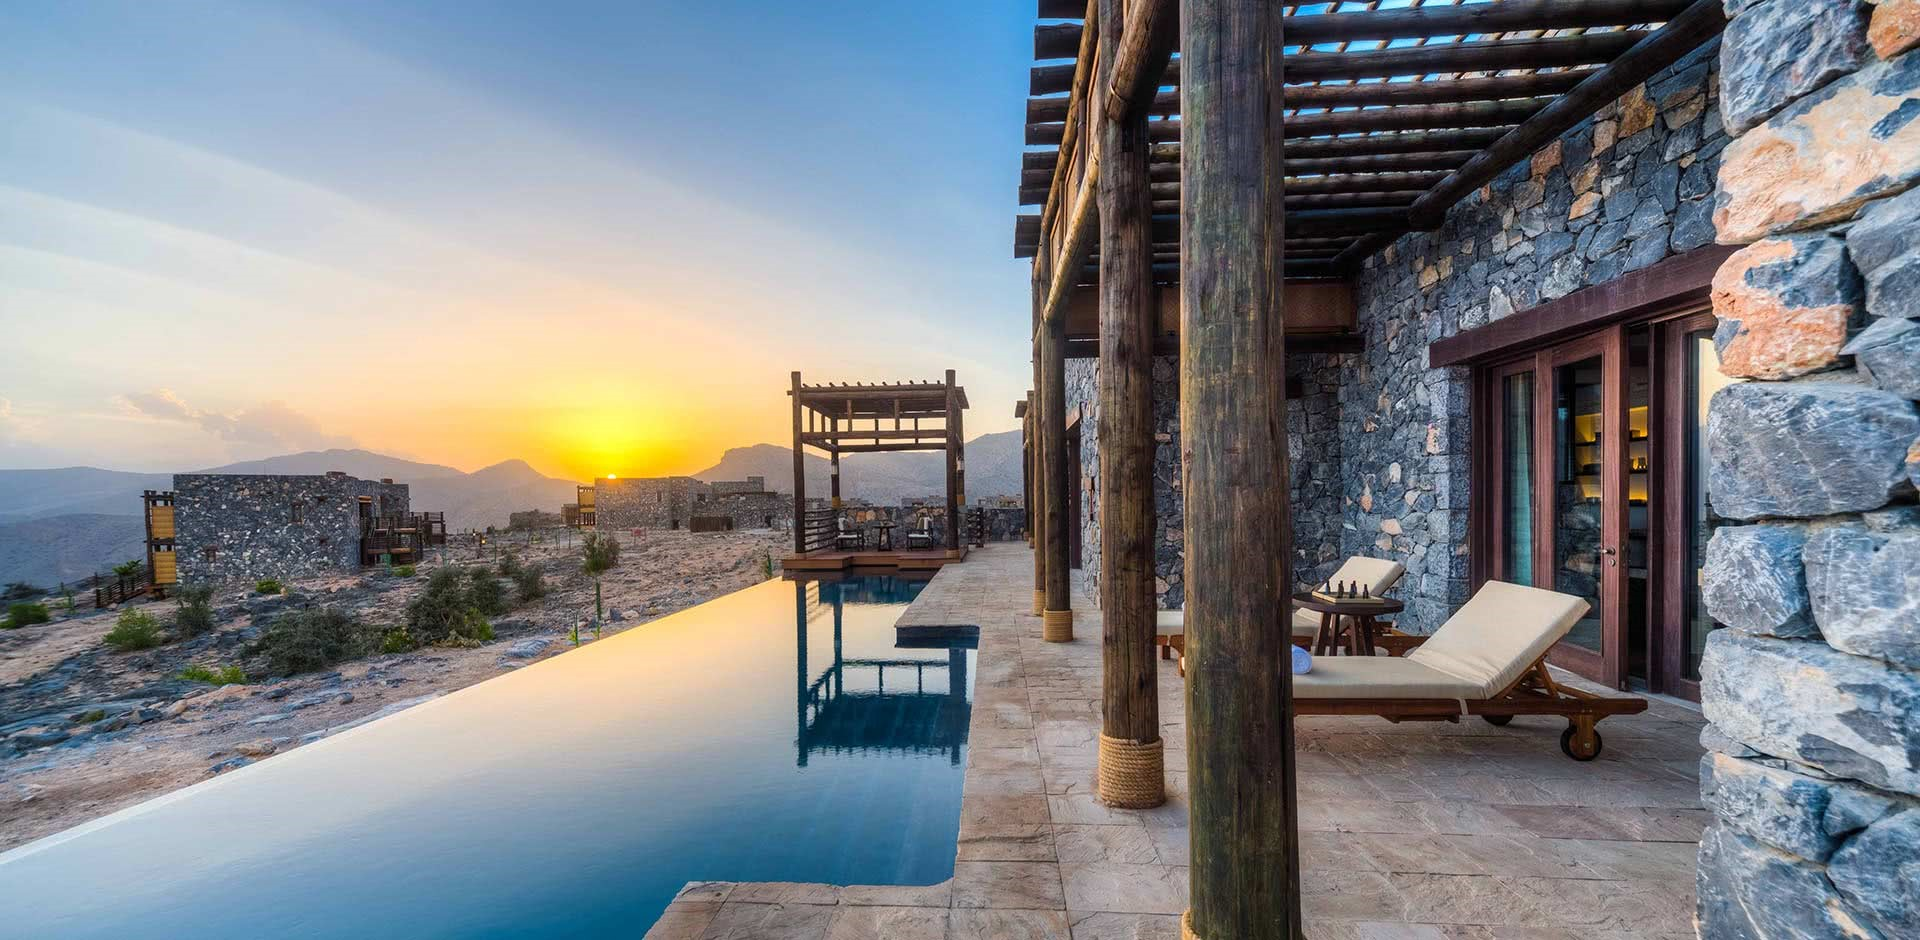 Alila Jabal Akhdar, Oman